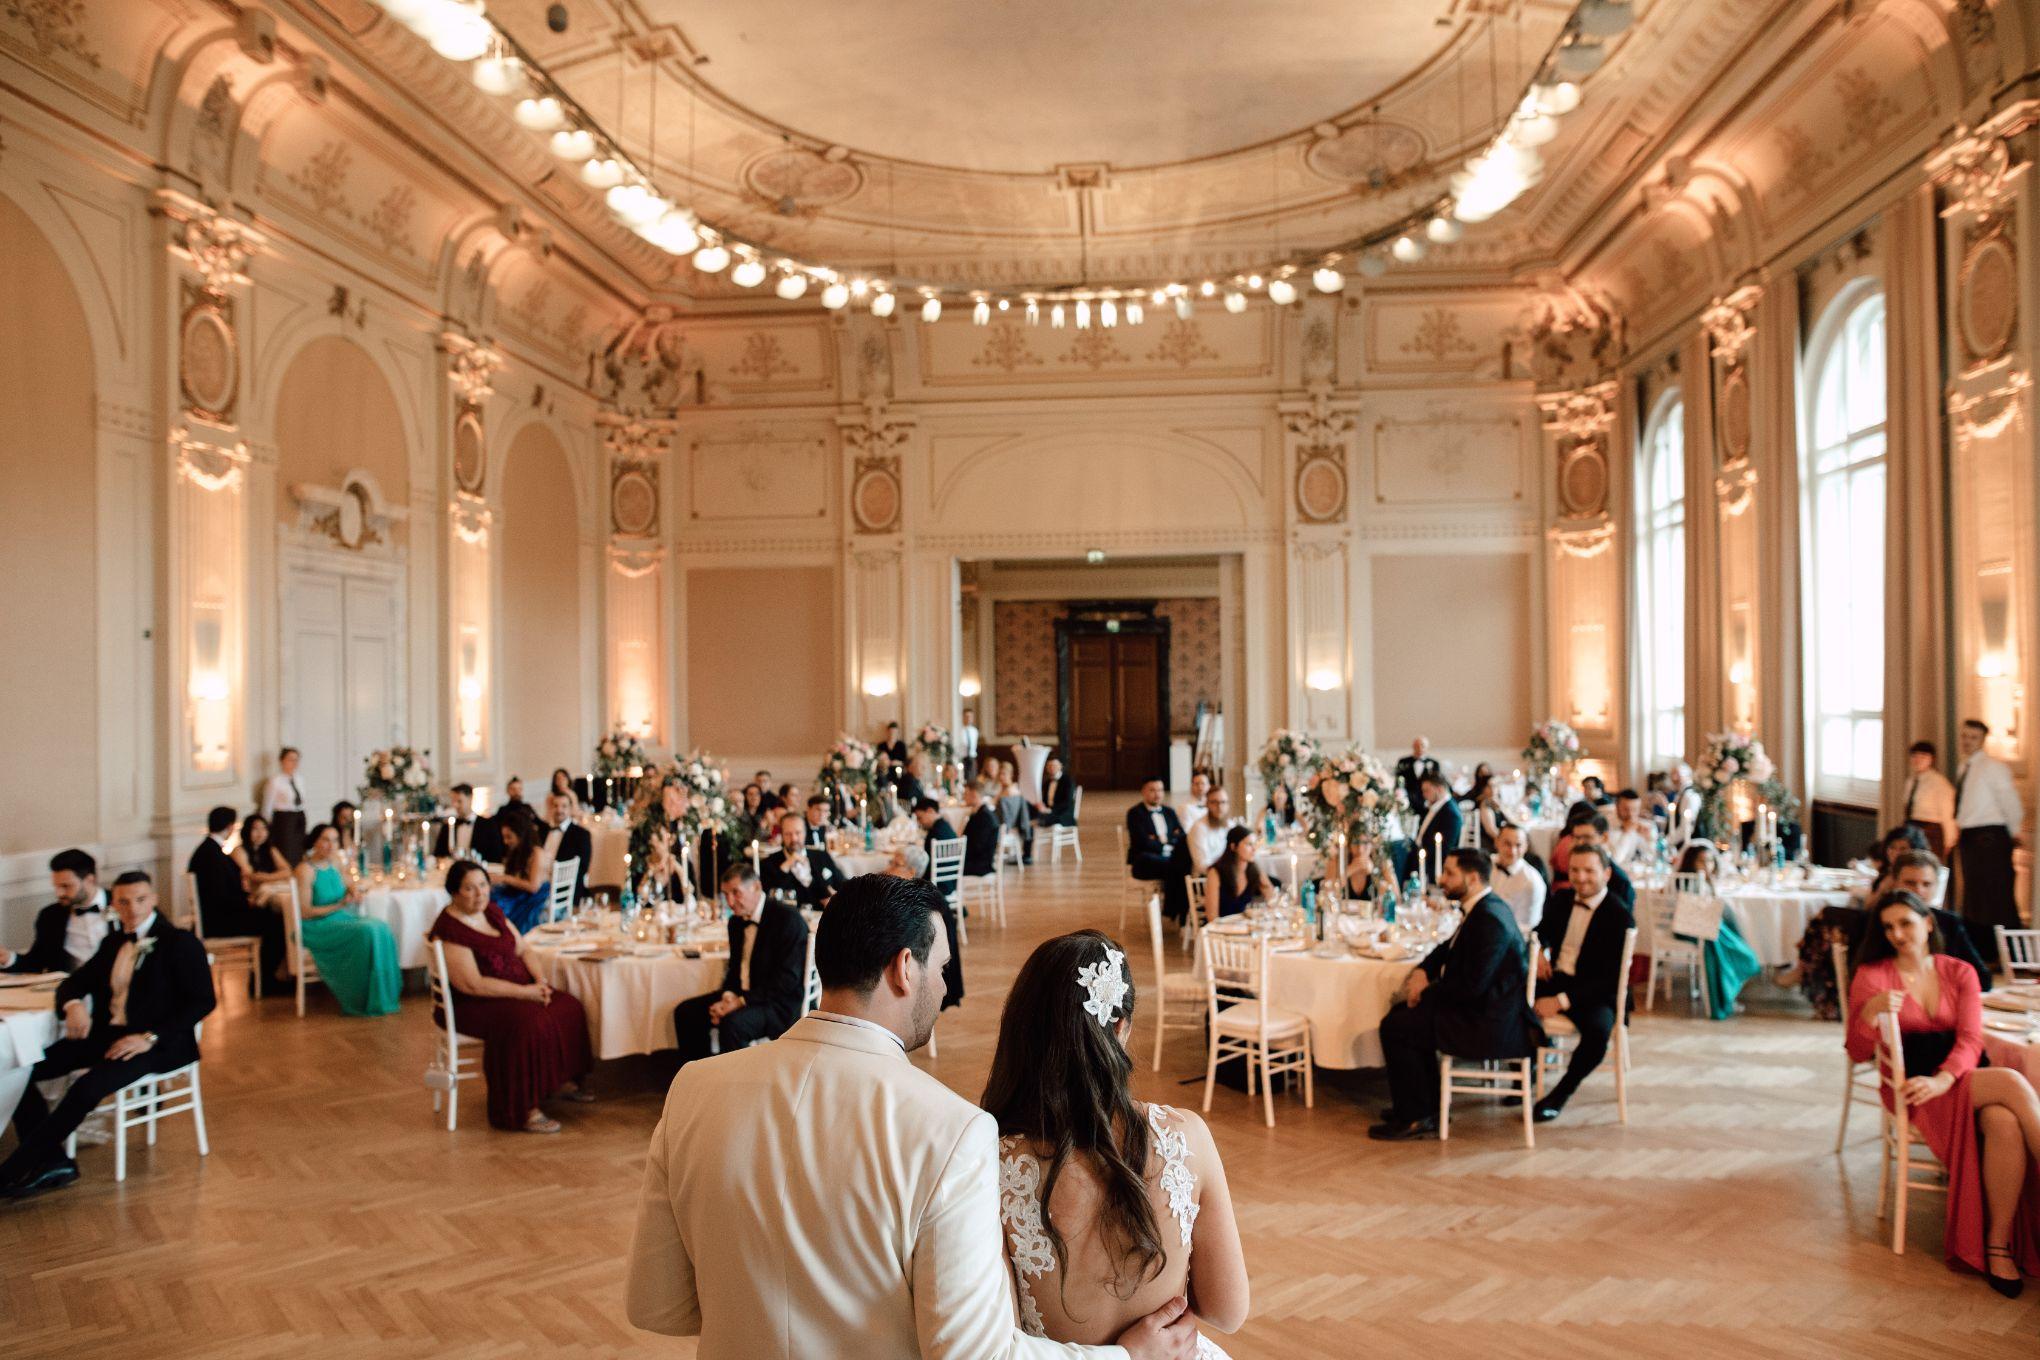 Hochzeit-Historische-Stadthalle-Wuppertal-The-Saums-KN-56.jpg